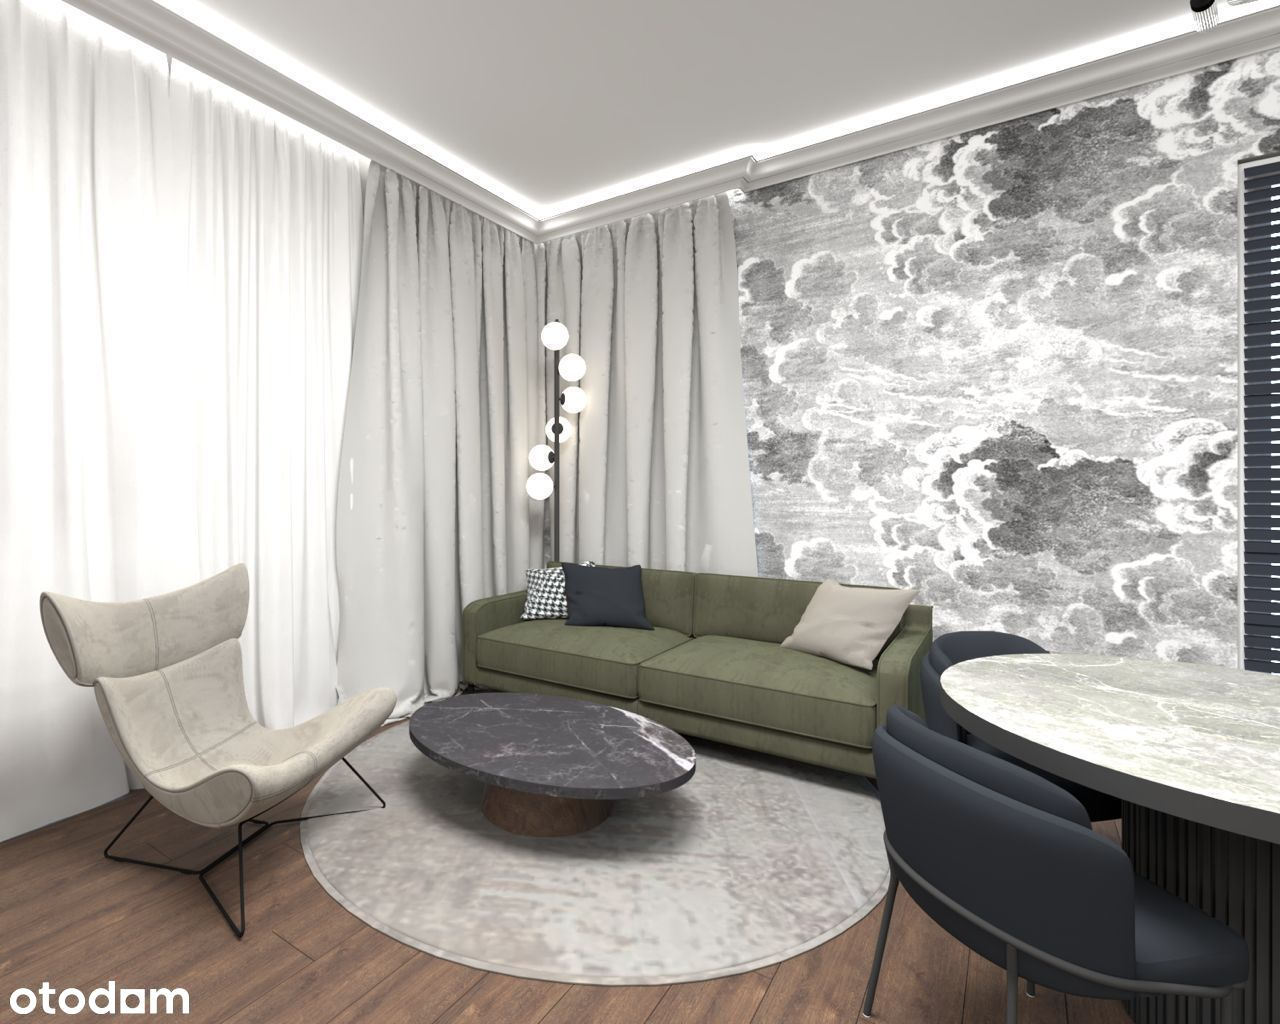 Apartament 3 pokojowy na ul. Wojskowej 7